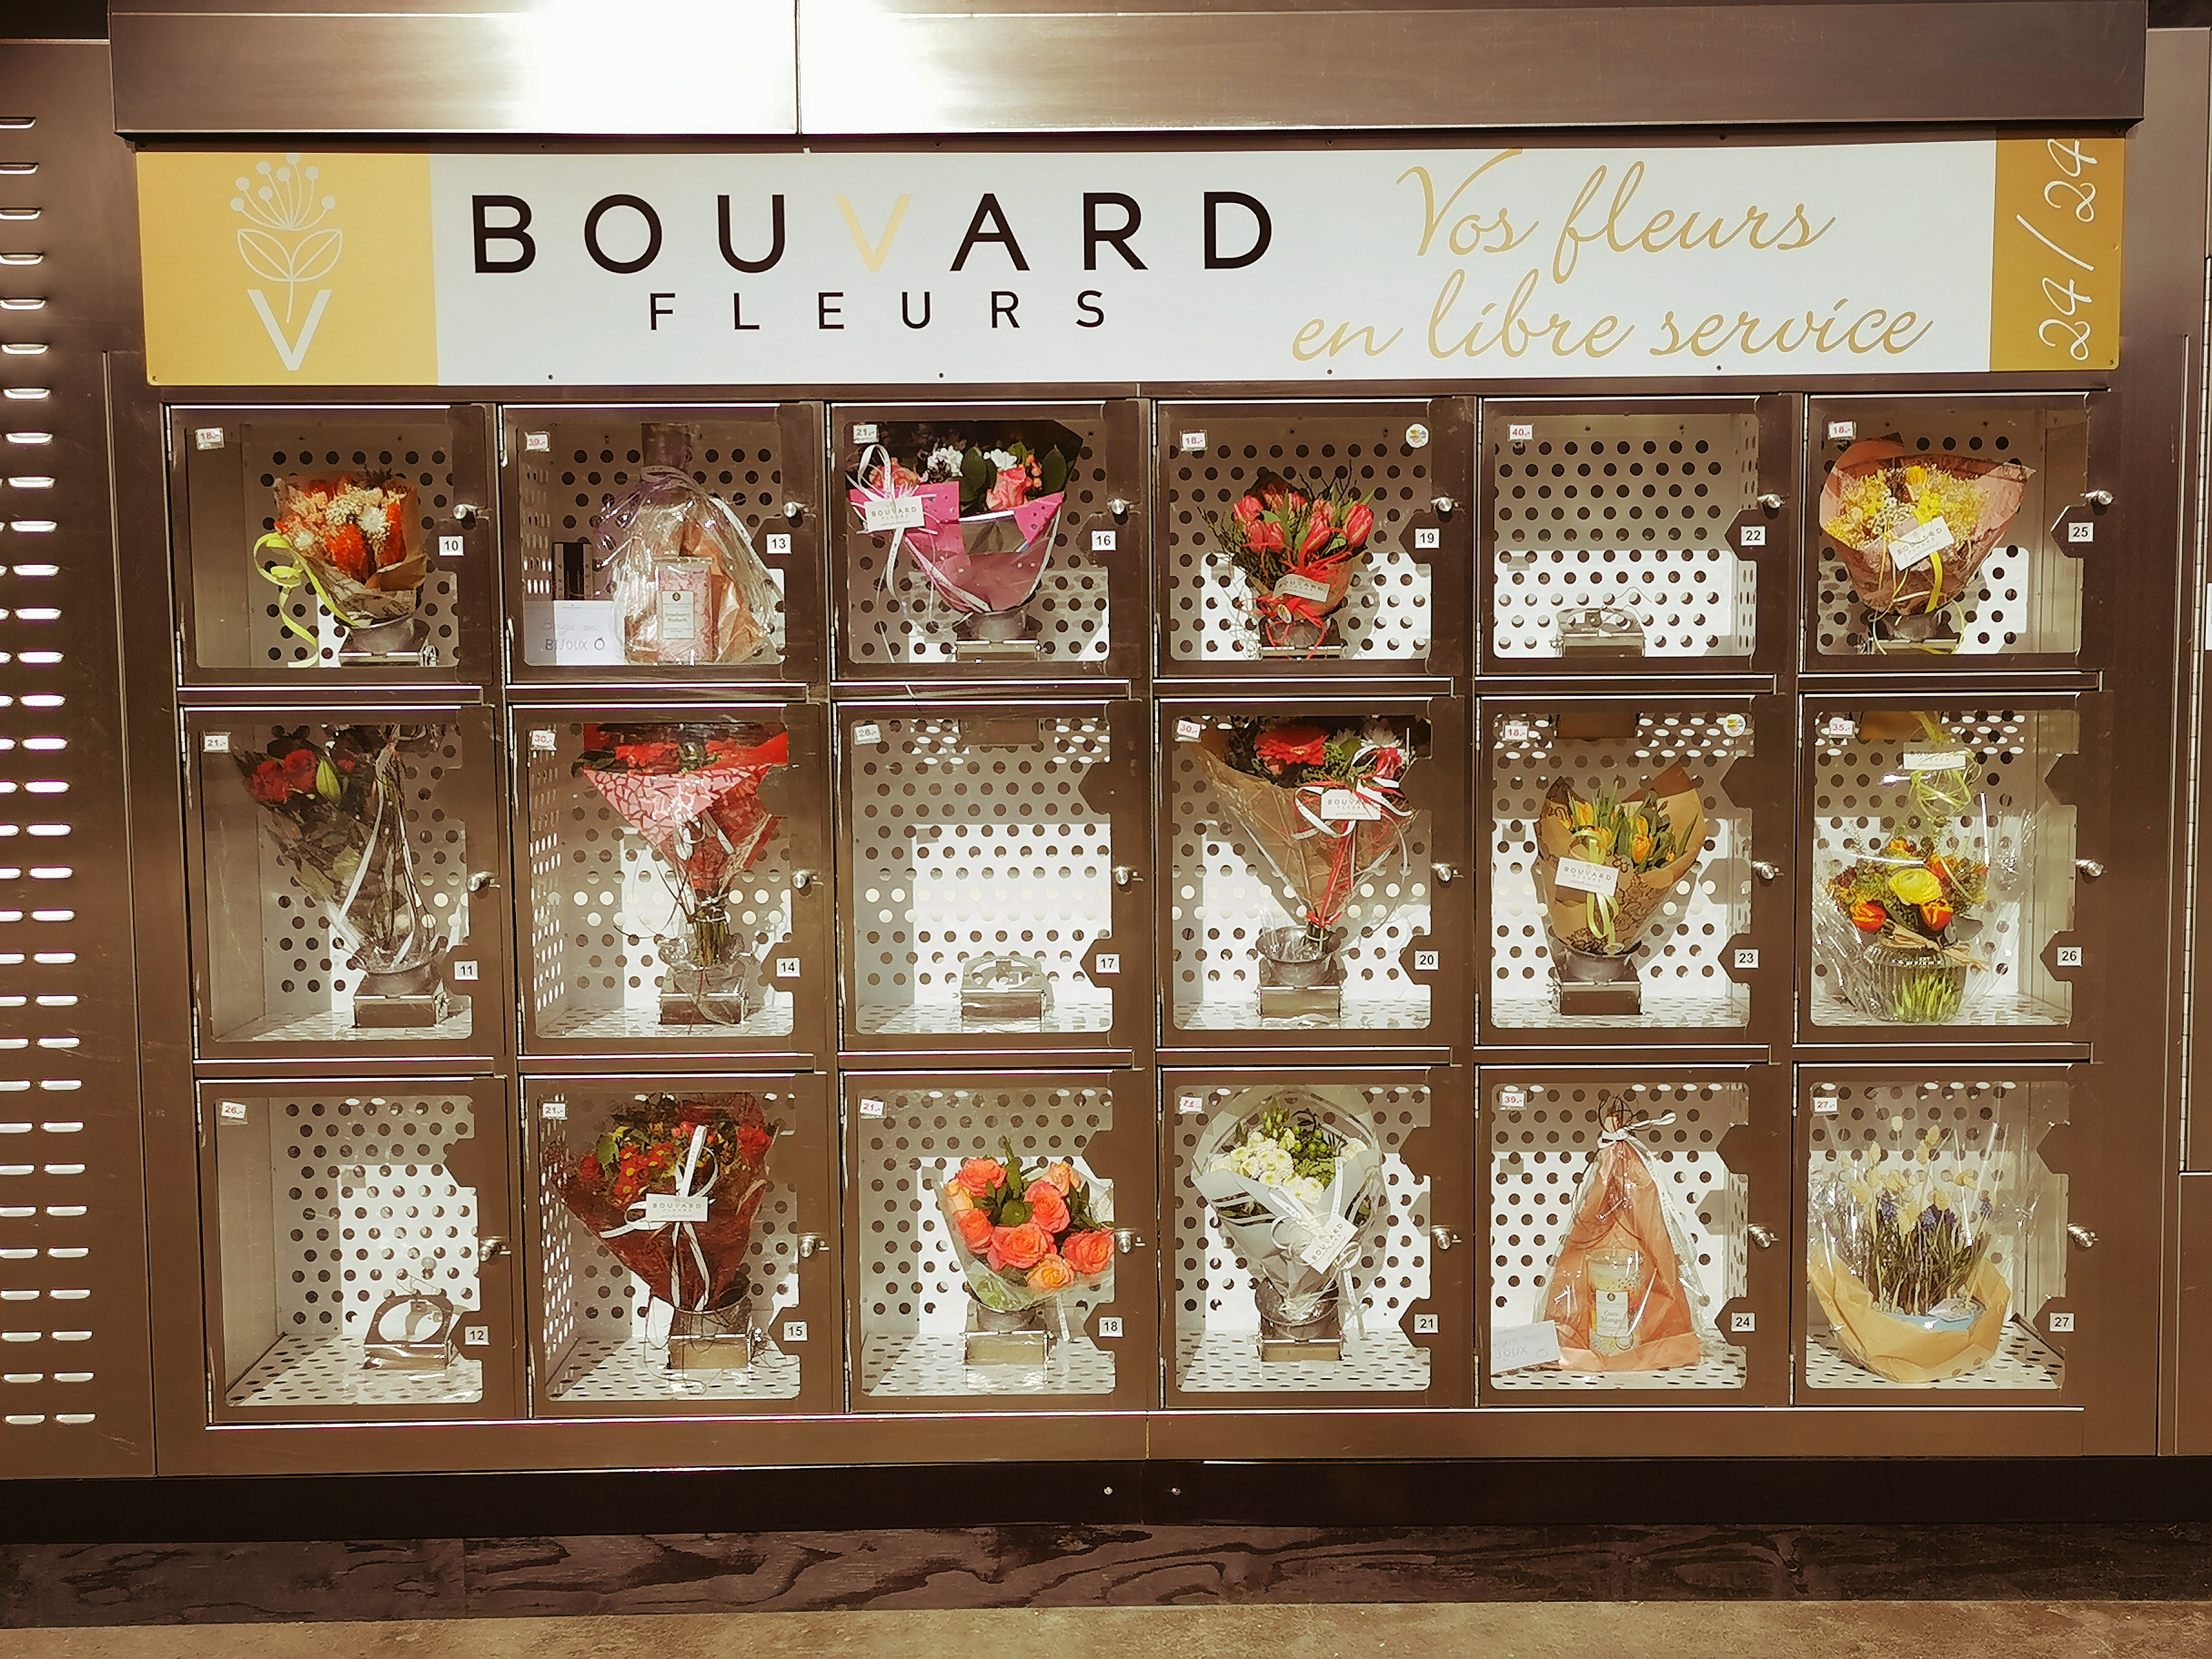 Distributeur automatique de fleurs 24 sur 7 bouvard fleurs  geneve